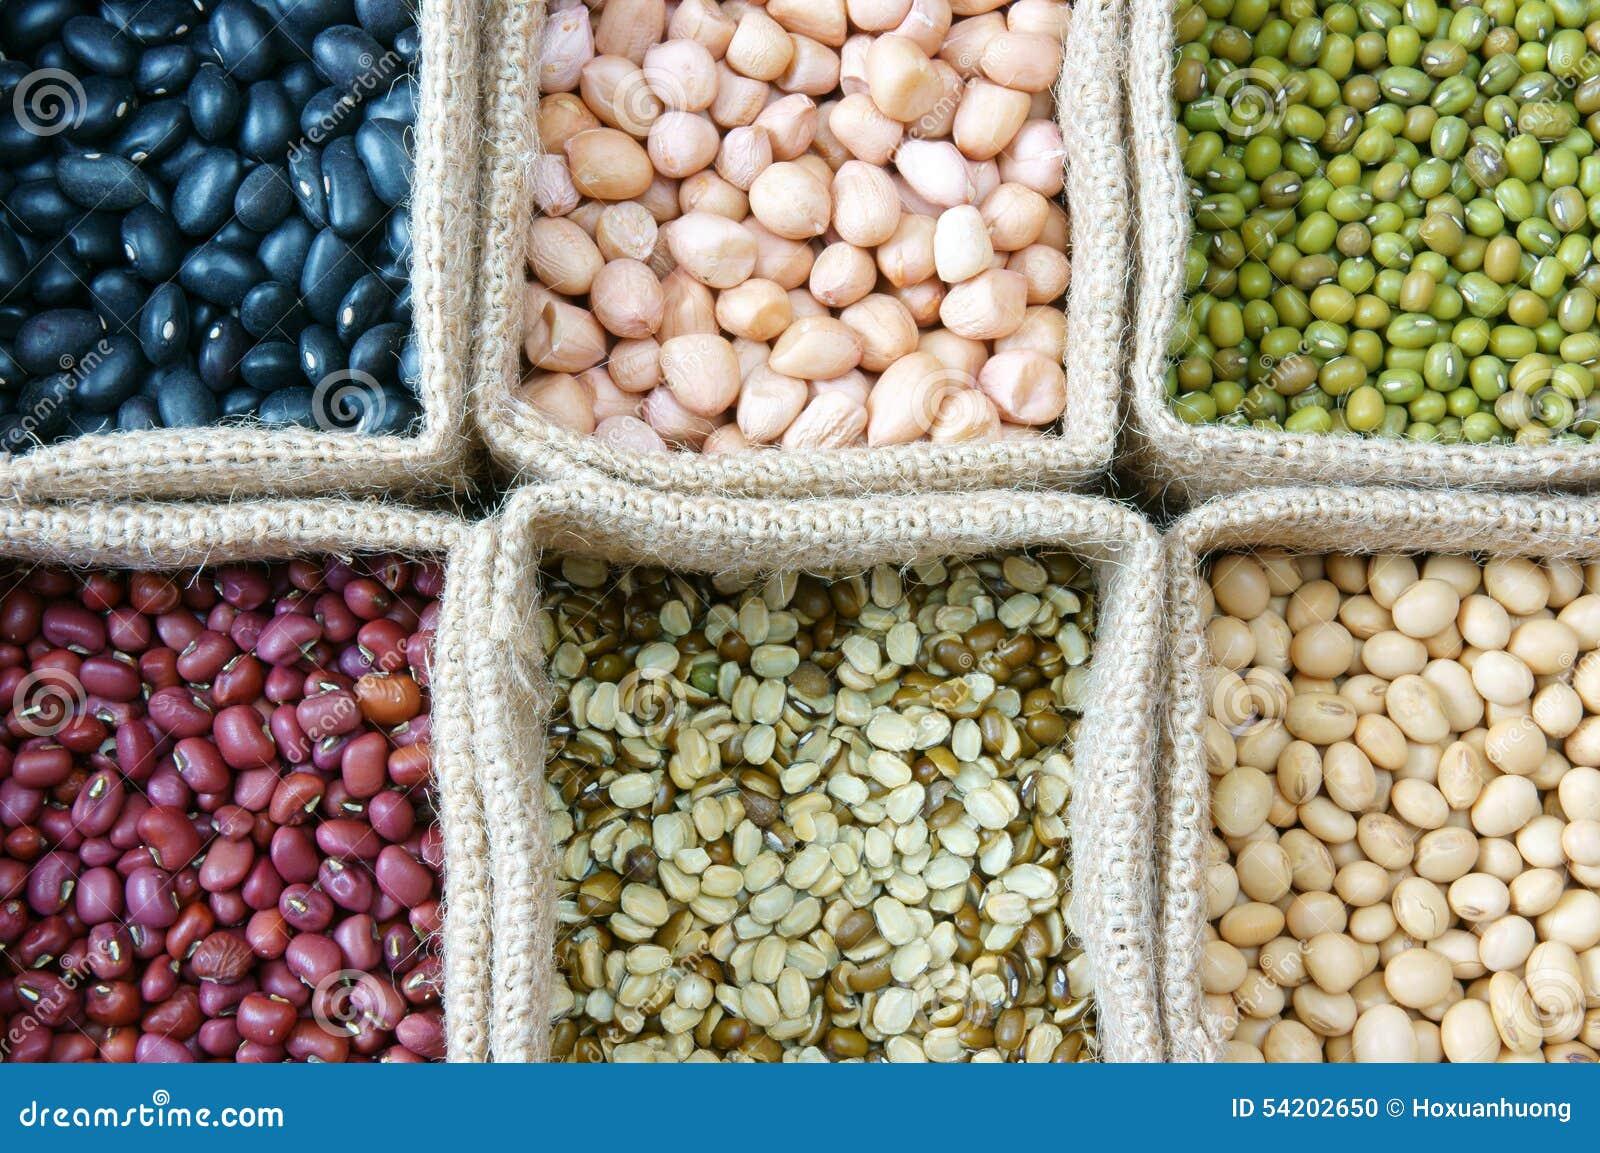 Σιτάρι, δημητριακά, υγιή τρόφιμα, κατανάλωση διατροφής